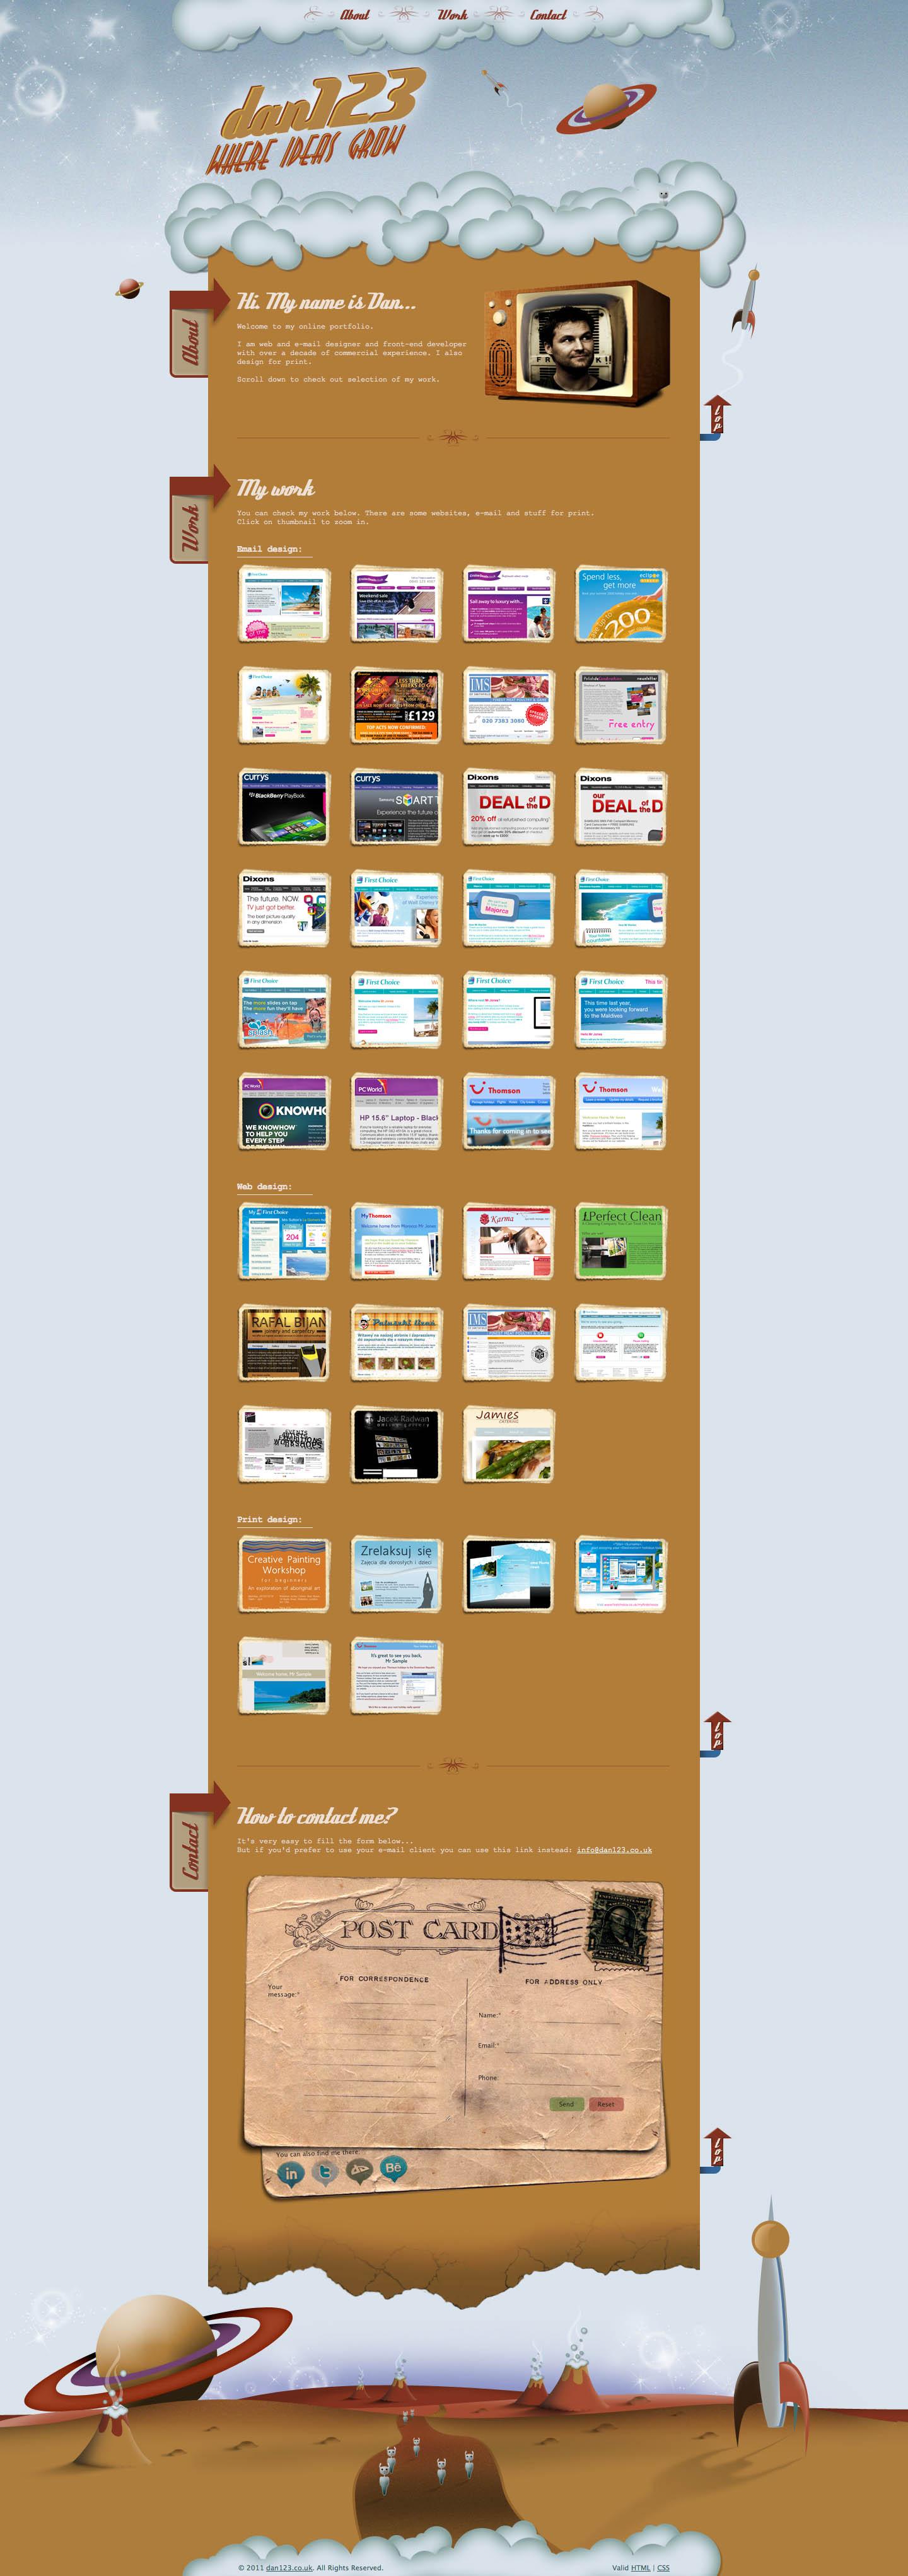 dan123 Website Screenshot